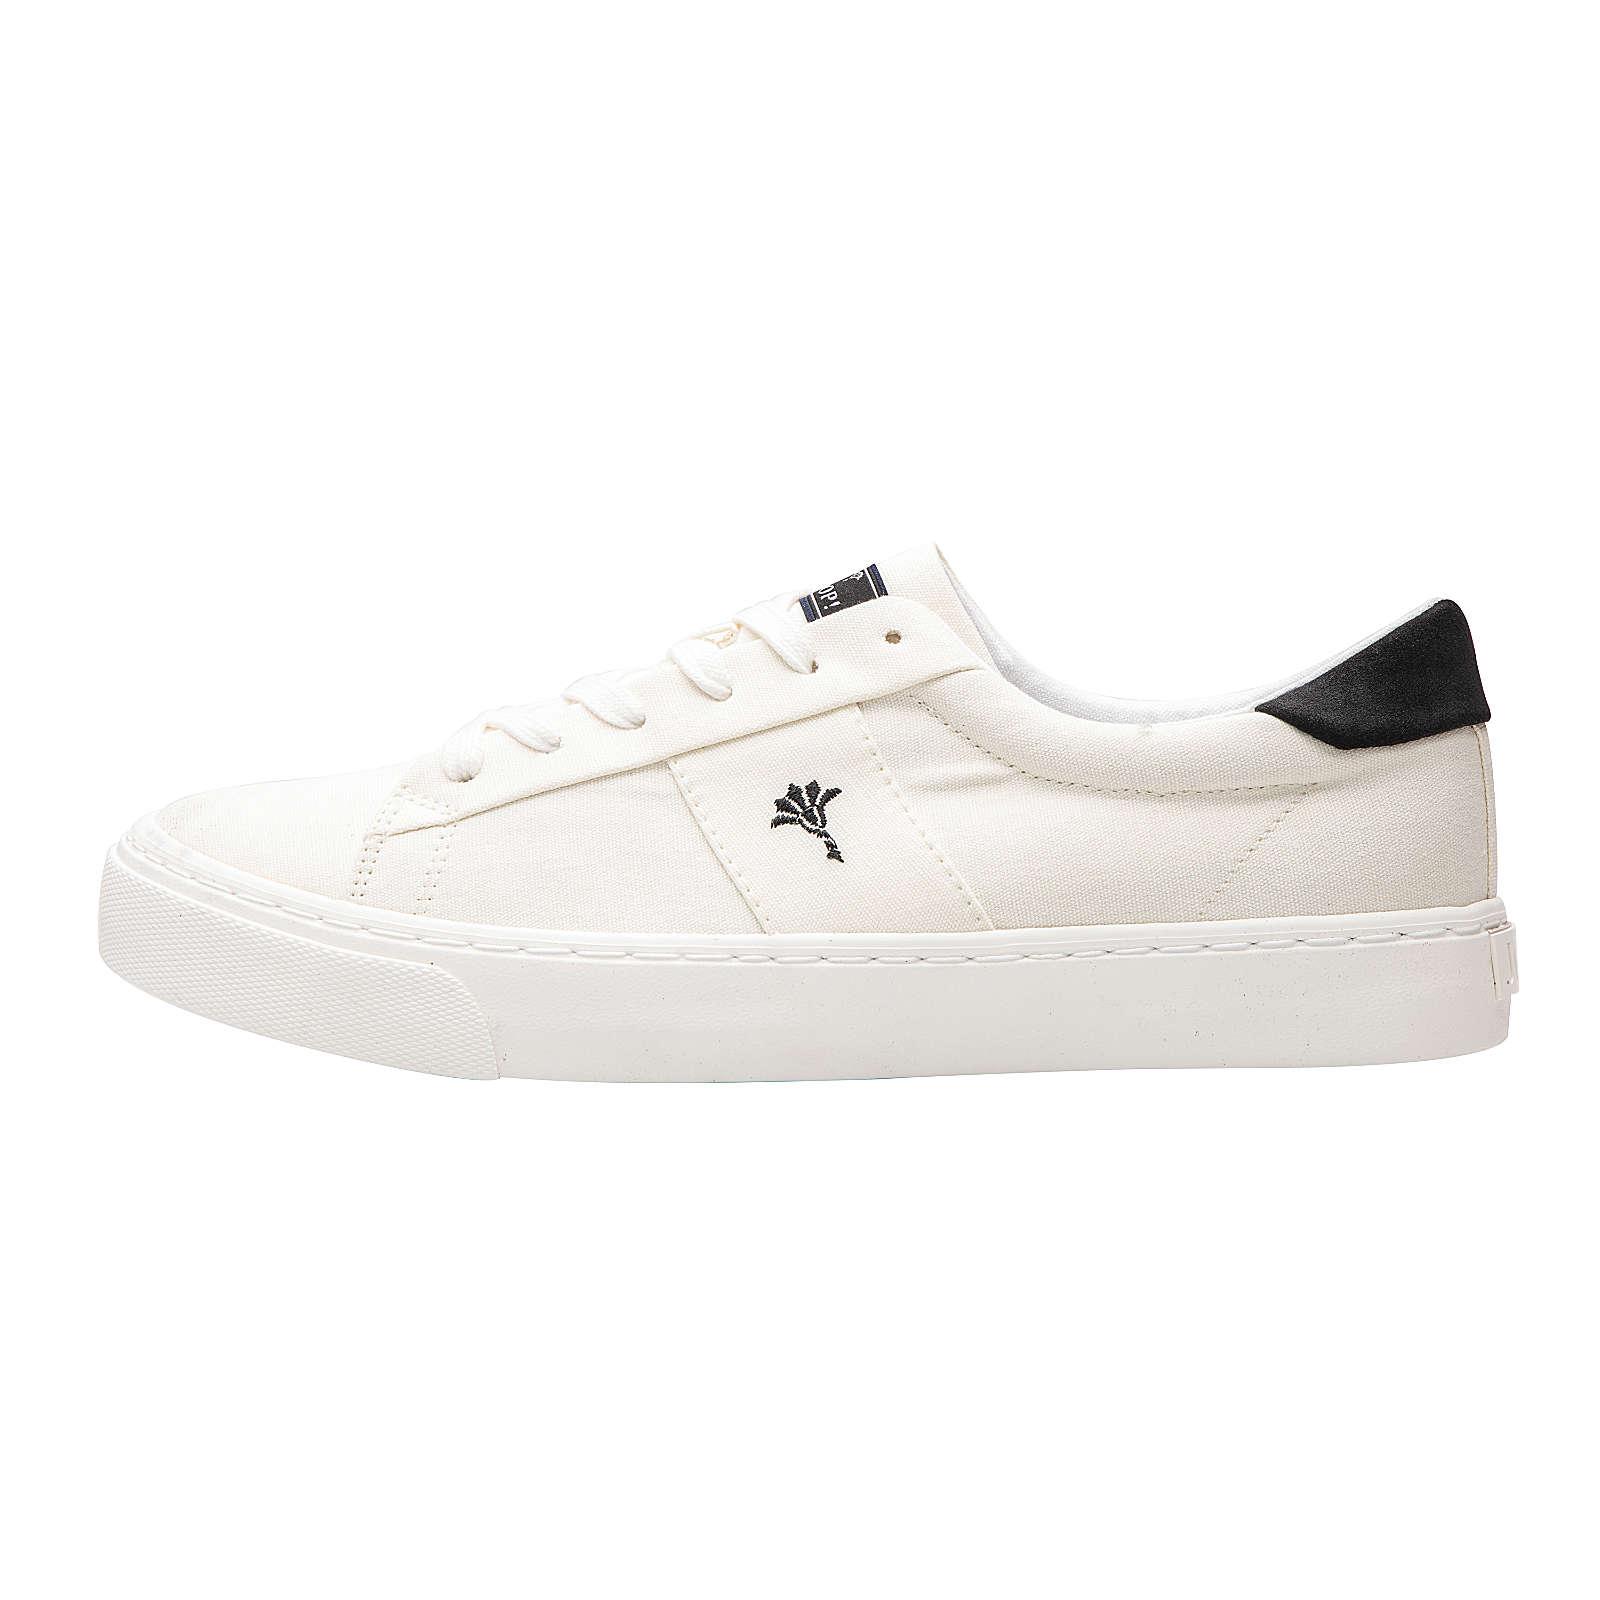 JOOP! sneaker yc7 vascan pool Sneakers Low offwhite Herren Gr. 46